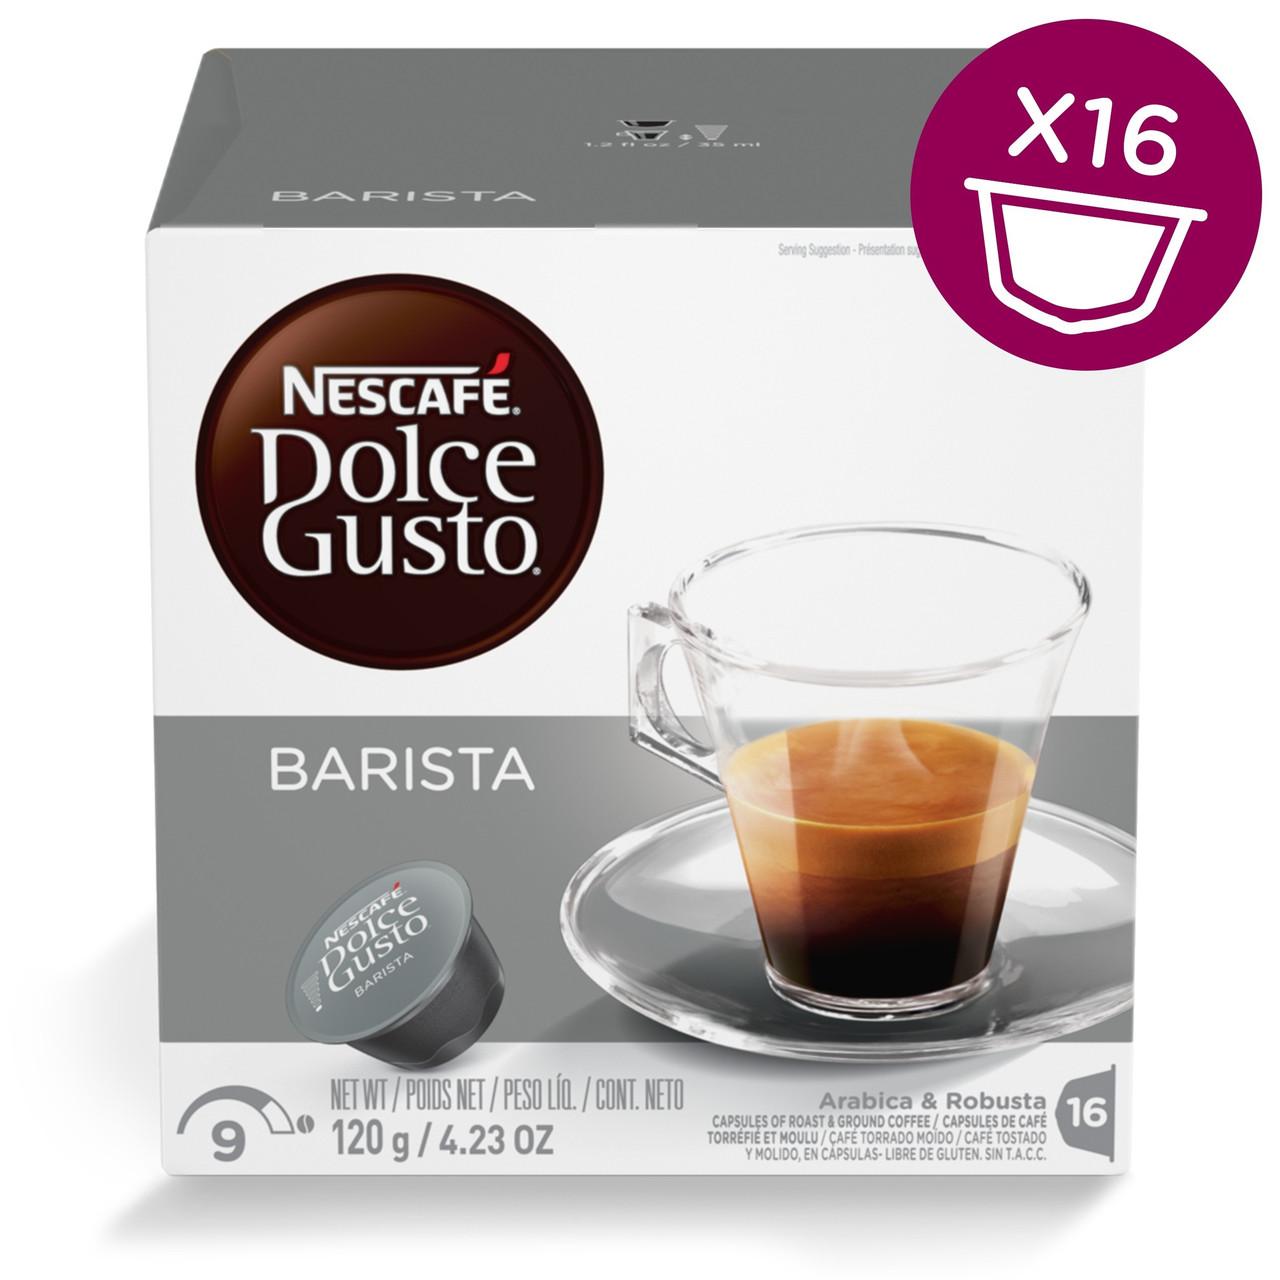 Кофе в капсулах NESCAFE Dolce Gusto Ristretto Barista 16 шт. (Нескафе Дольче Густо Ристретто)